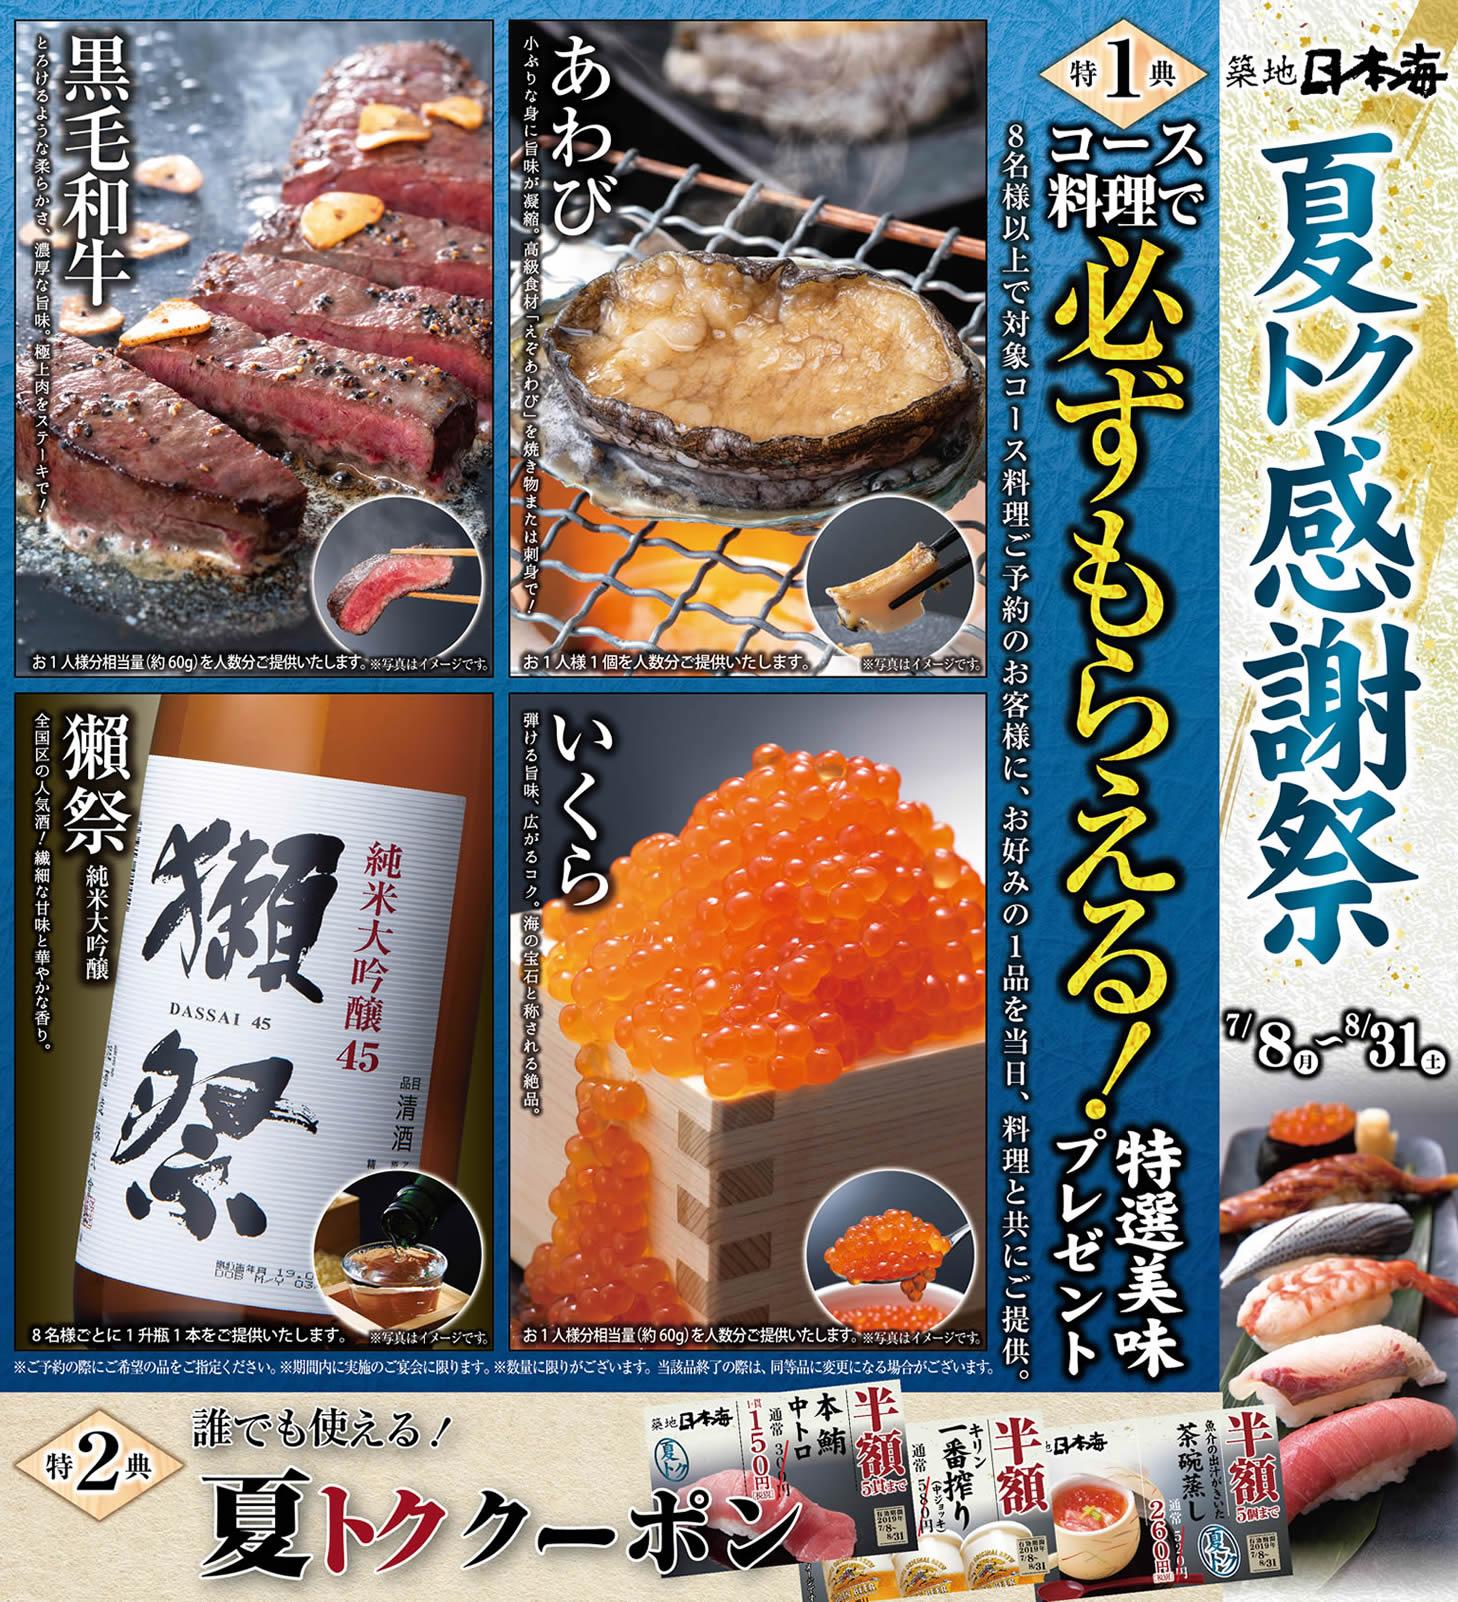 【築地日本海】夏トク感謝祭!対象コース料理で必ずもらえる特選美味プレゼント!